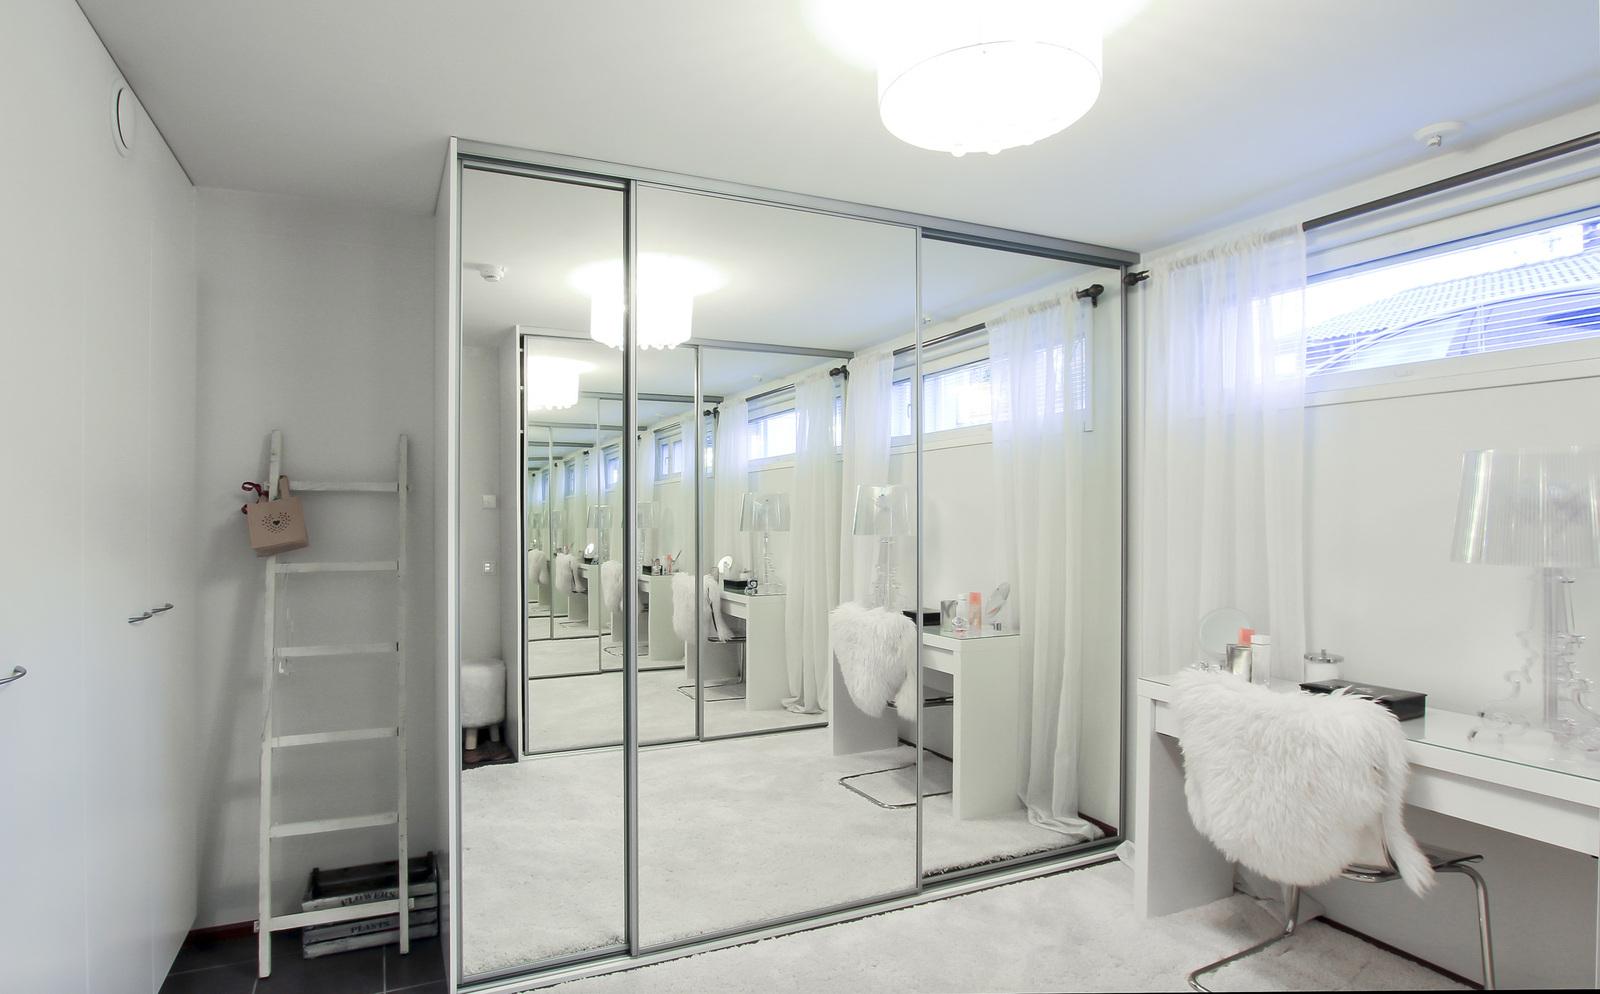 alakerran makuuhuone nyt pukeutumishuoneena